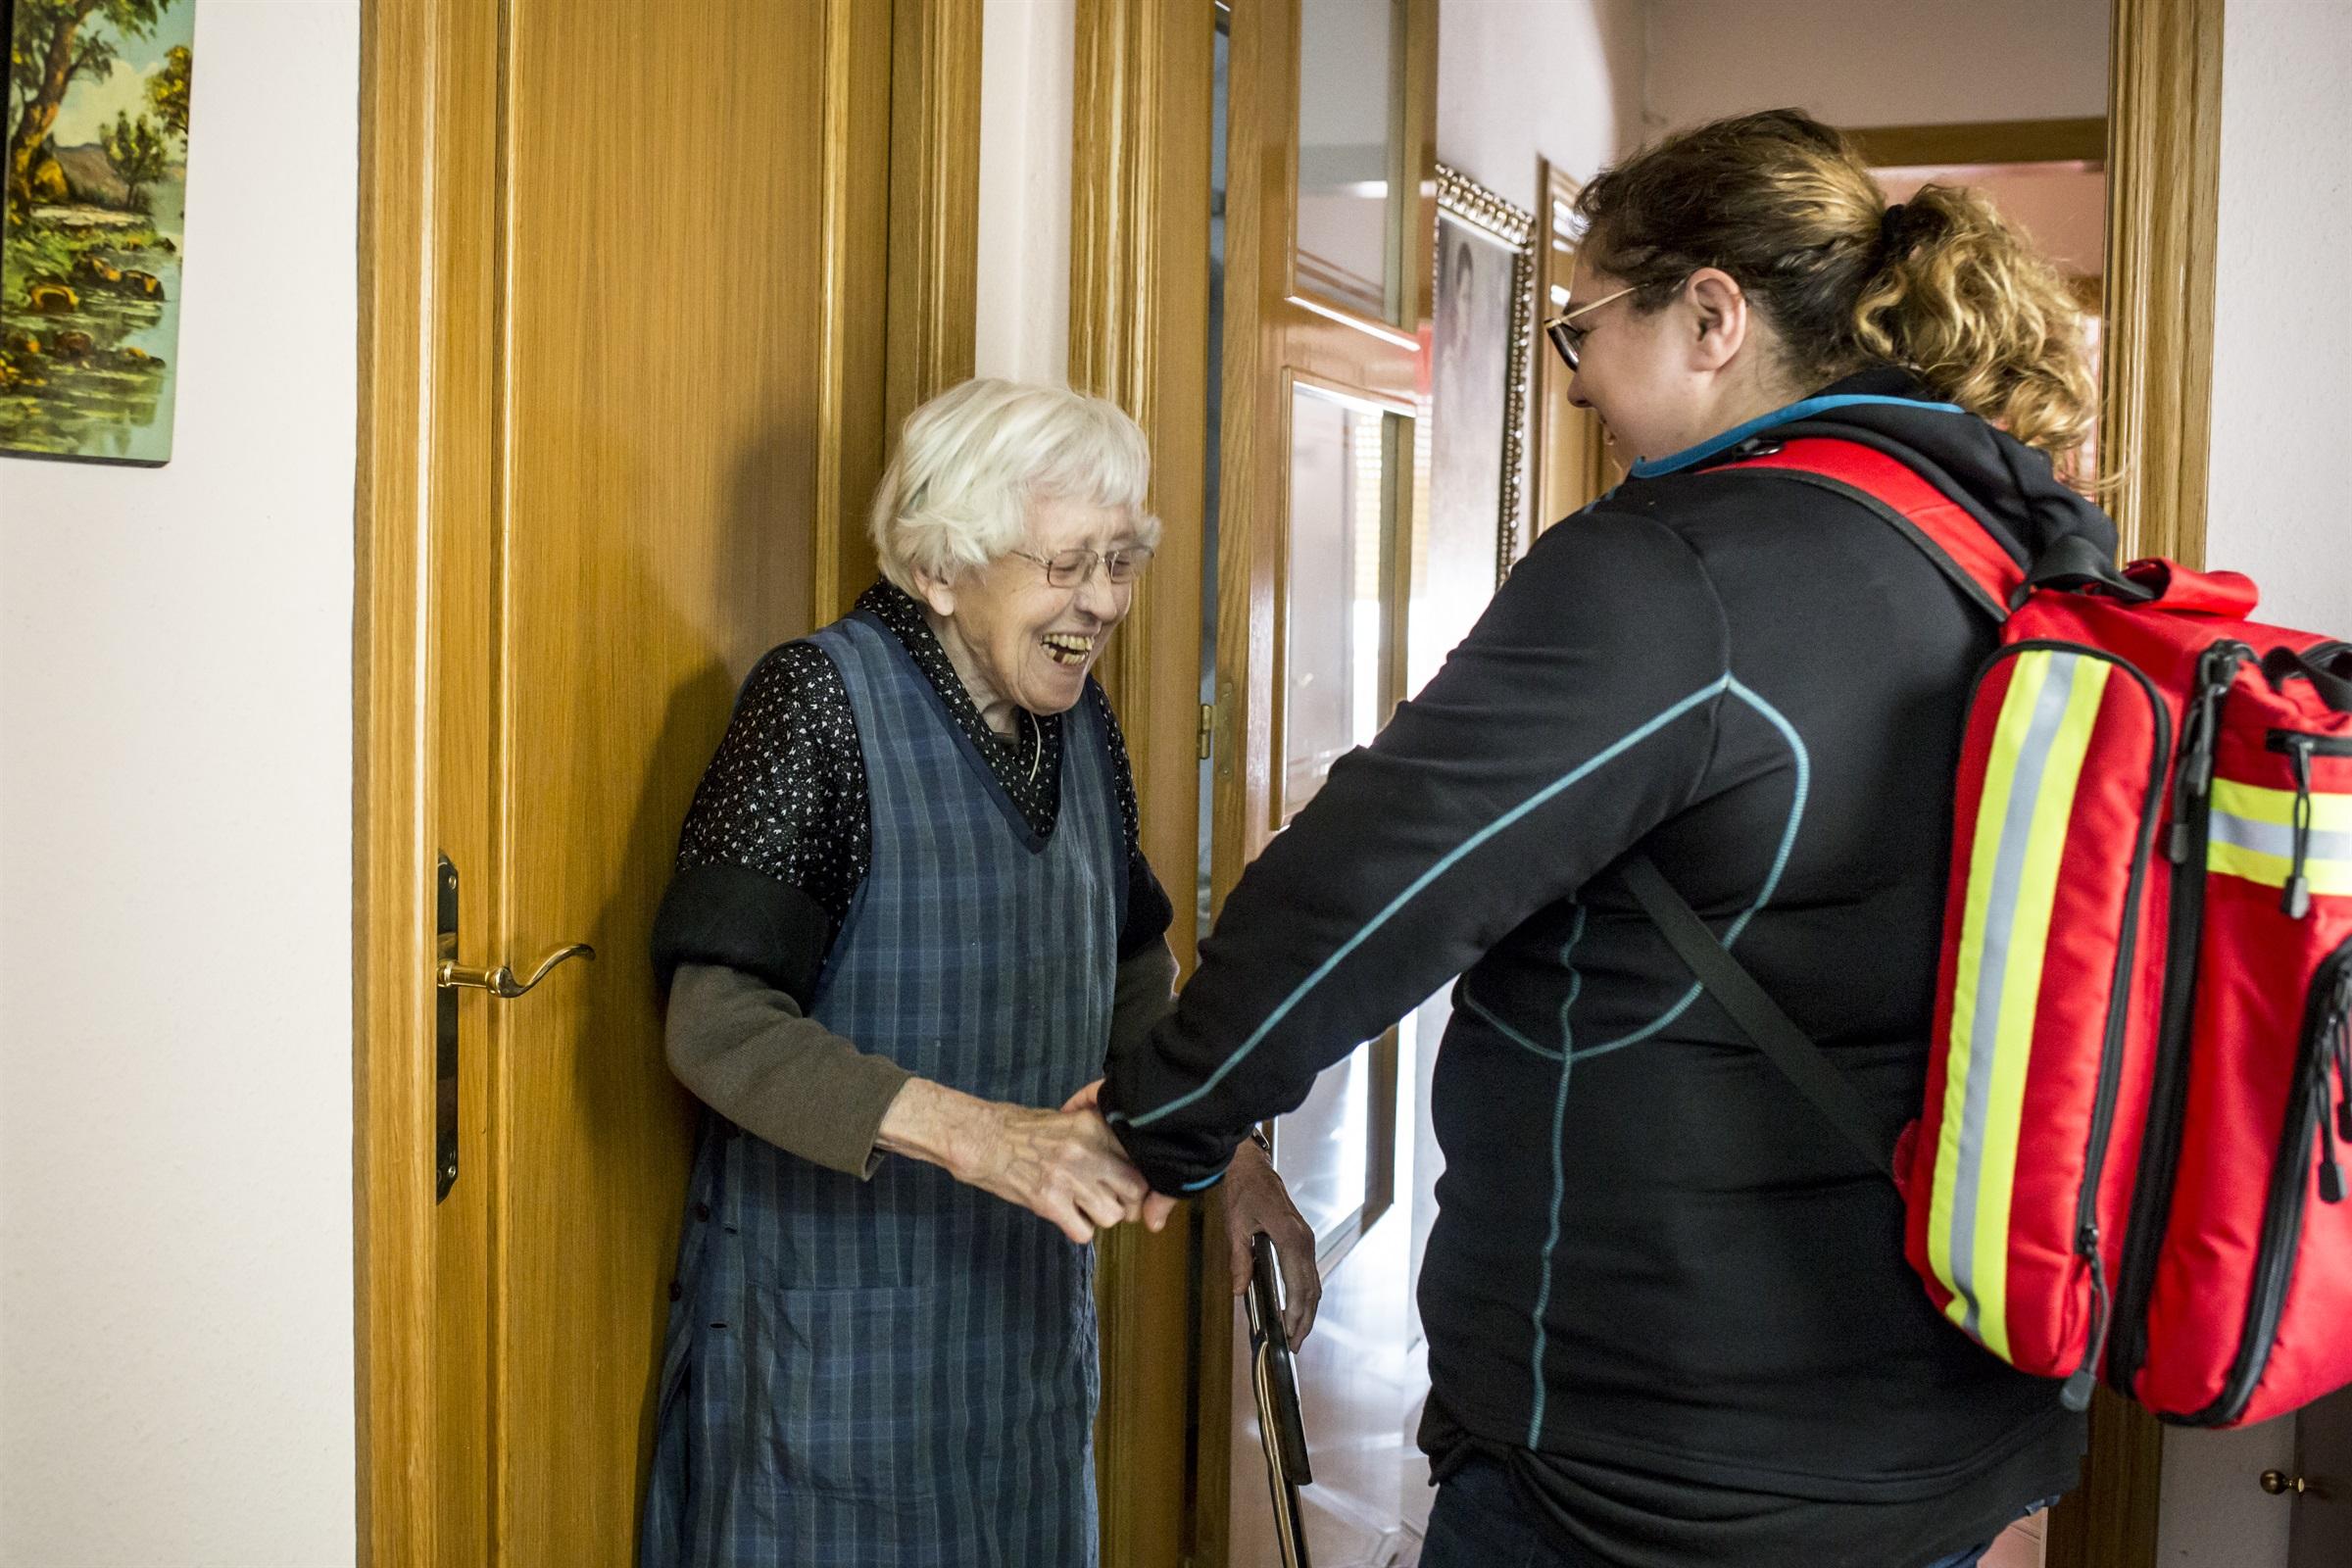 La mirada infermera, holística i comunitària centra les 8es jornades d'actualització de l'Associació d'Infermeria Familiar i Comunitària (AIFiCC)